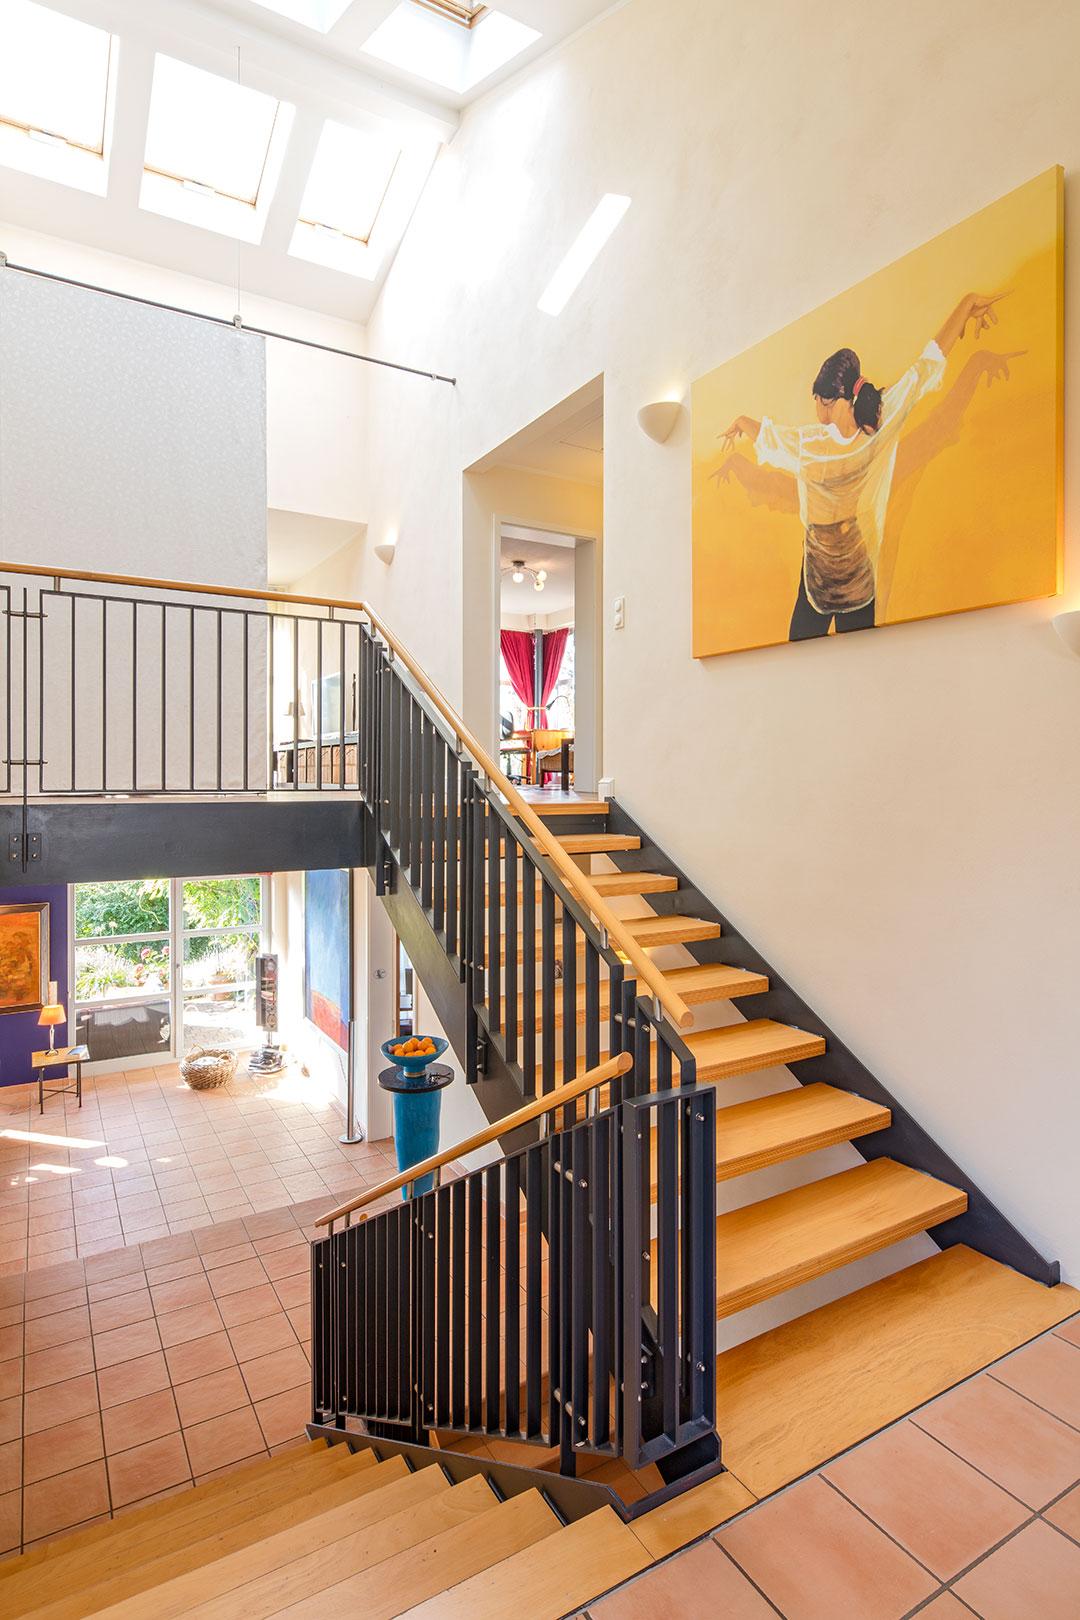 Architekturfotografie, Innenarchitektur: Treppenhaus | Foto: Dieter Eikenberg, imprints